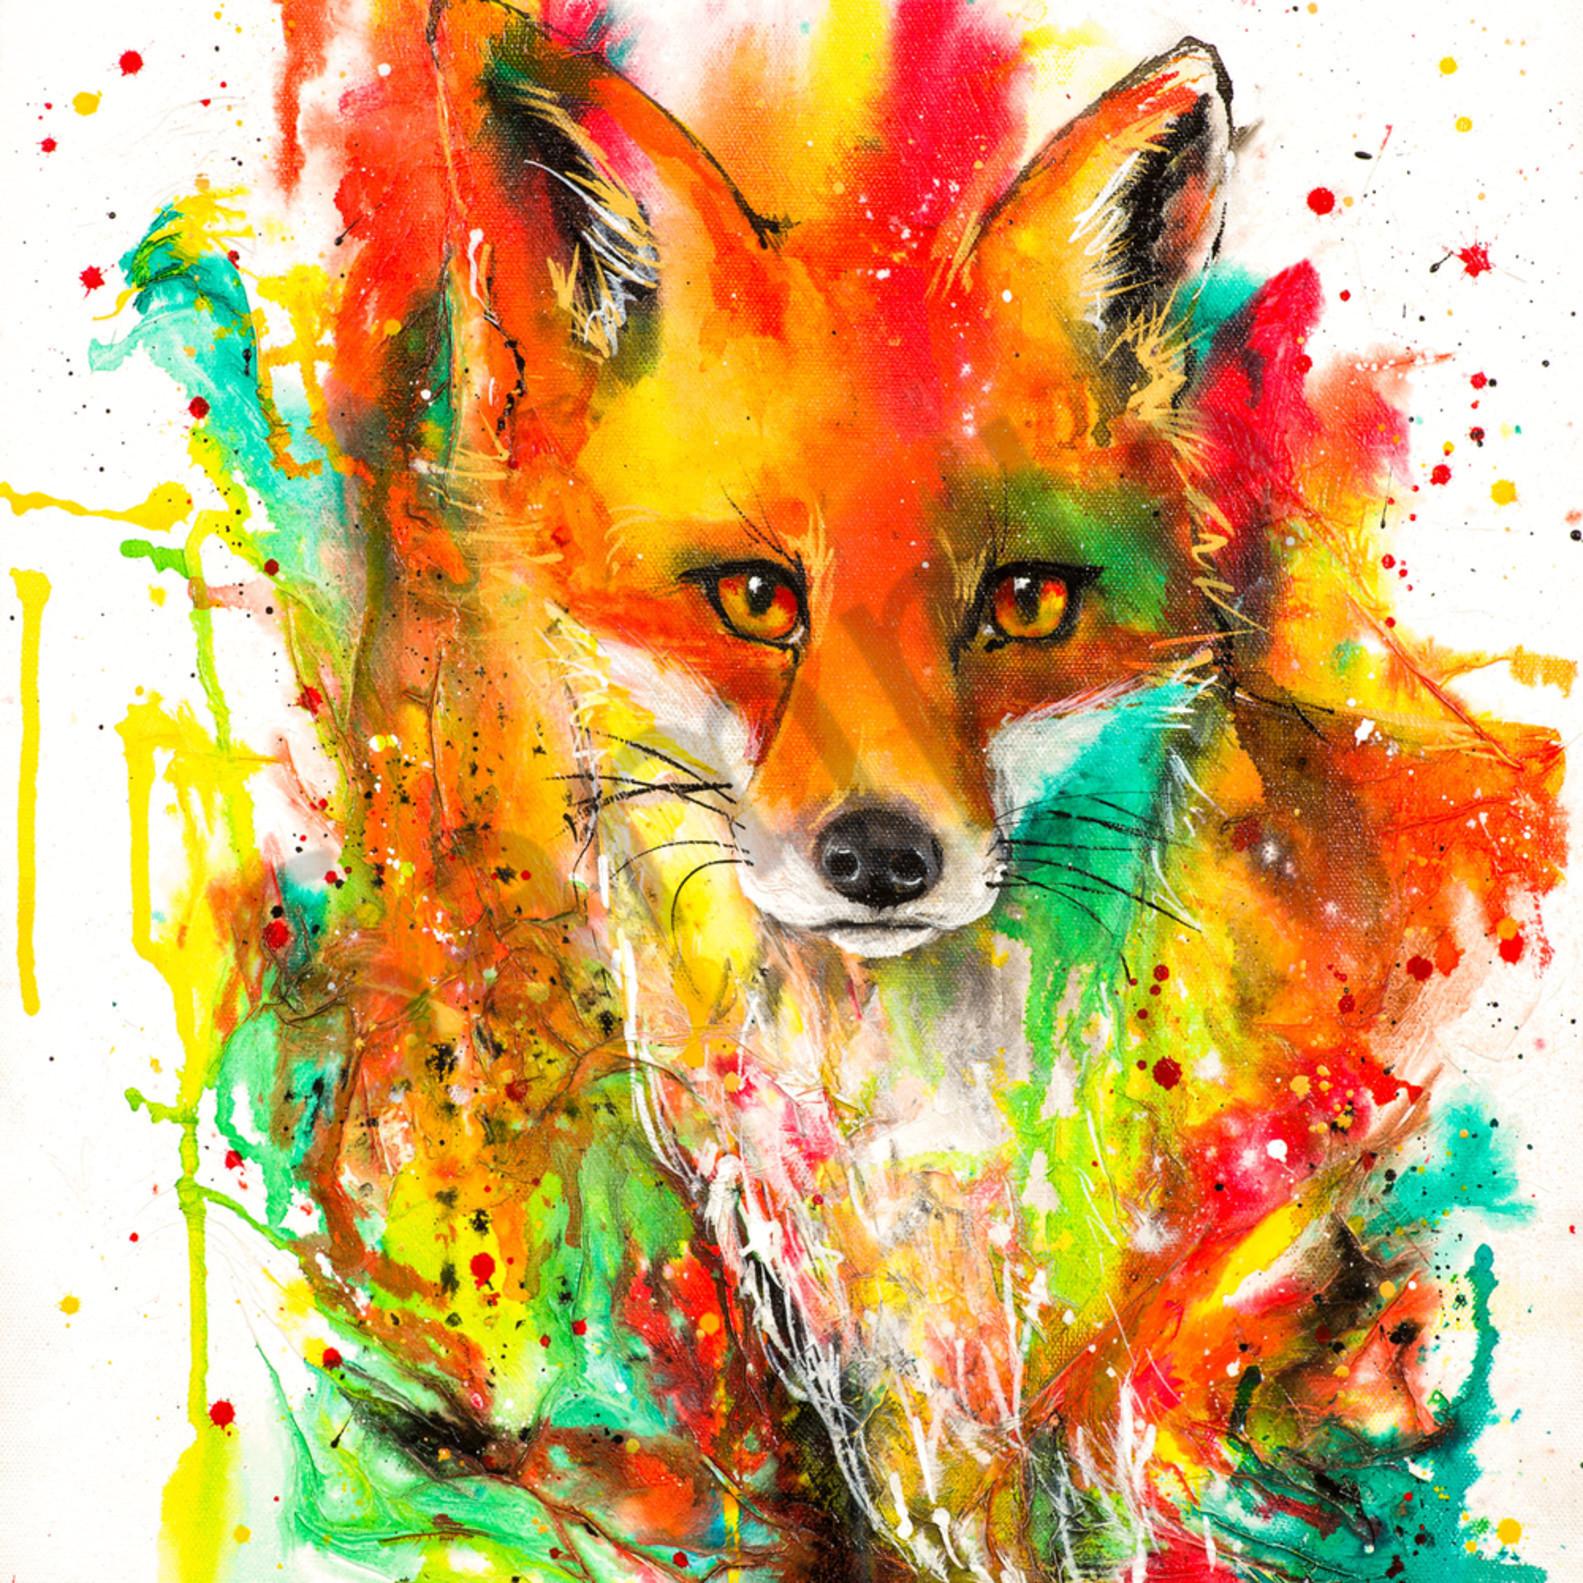 C clark dowden 014 fox 1 n53sy0